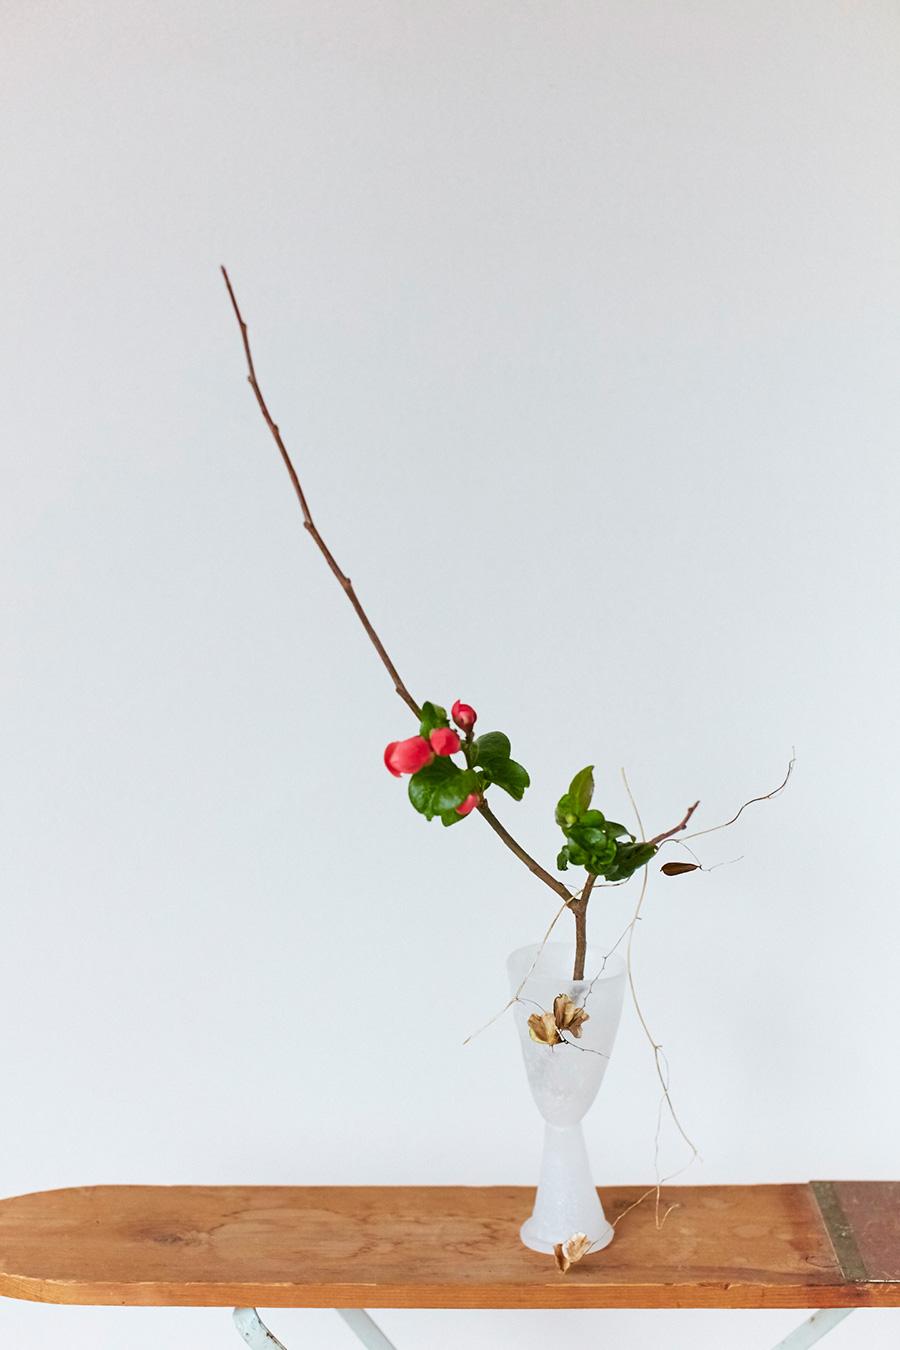 脚付きのグラスは特別なものに見える。白いガラスには、凛とした冬の空気も感じられる。花材はボケ。冬の風景の中にも、春が近づいてくる足音が聞こえるようだ。ボケの伸びやかな枝も美しい。枯れた山芋の種を枝にかけて遊ばせる。「下に垂れる動きがあるとおもしろいです」。身近な自然の風景がそのまま場所を移したかのようだ。